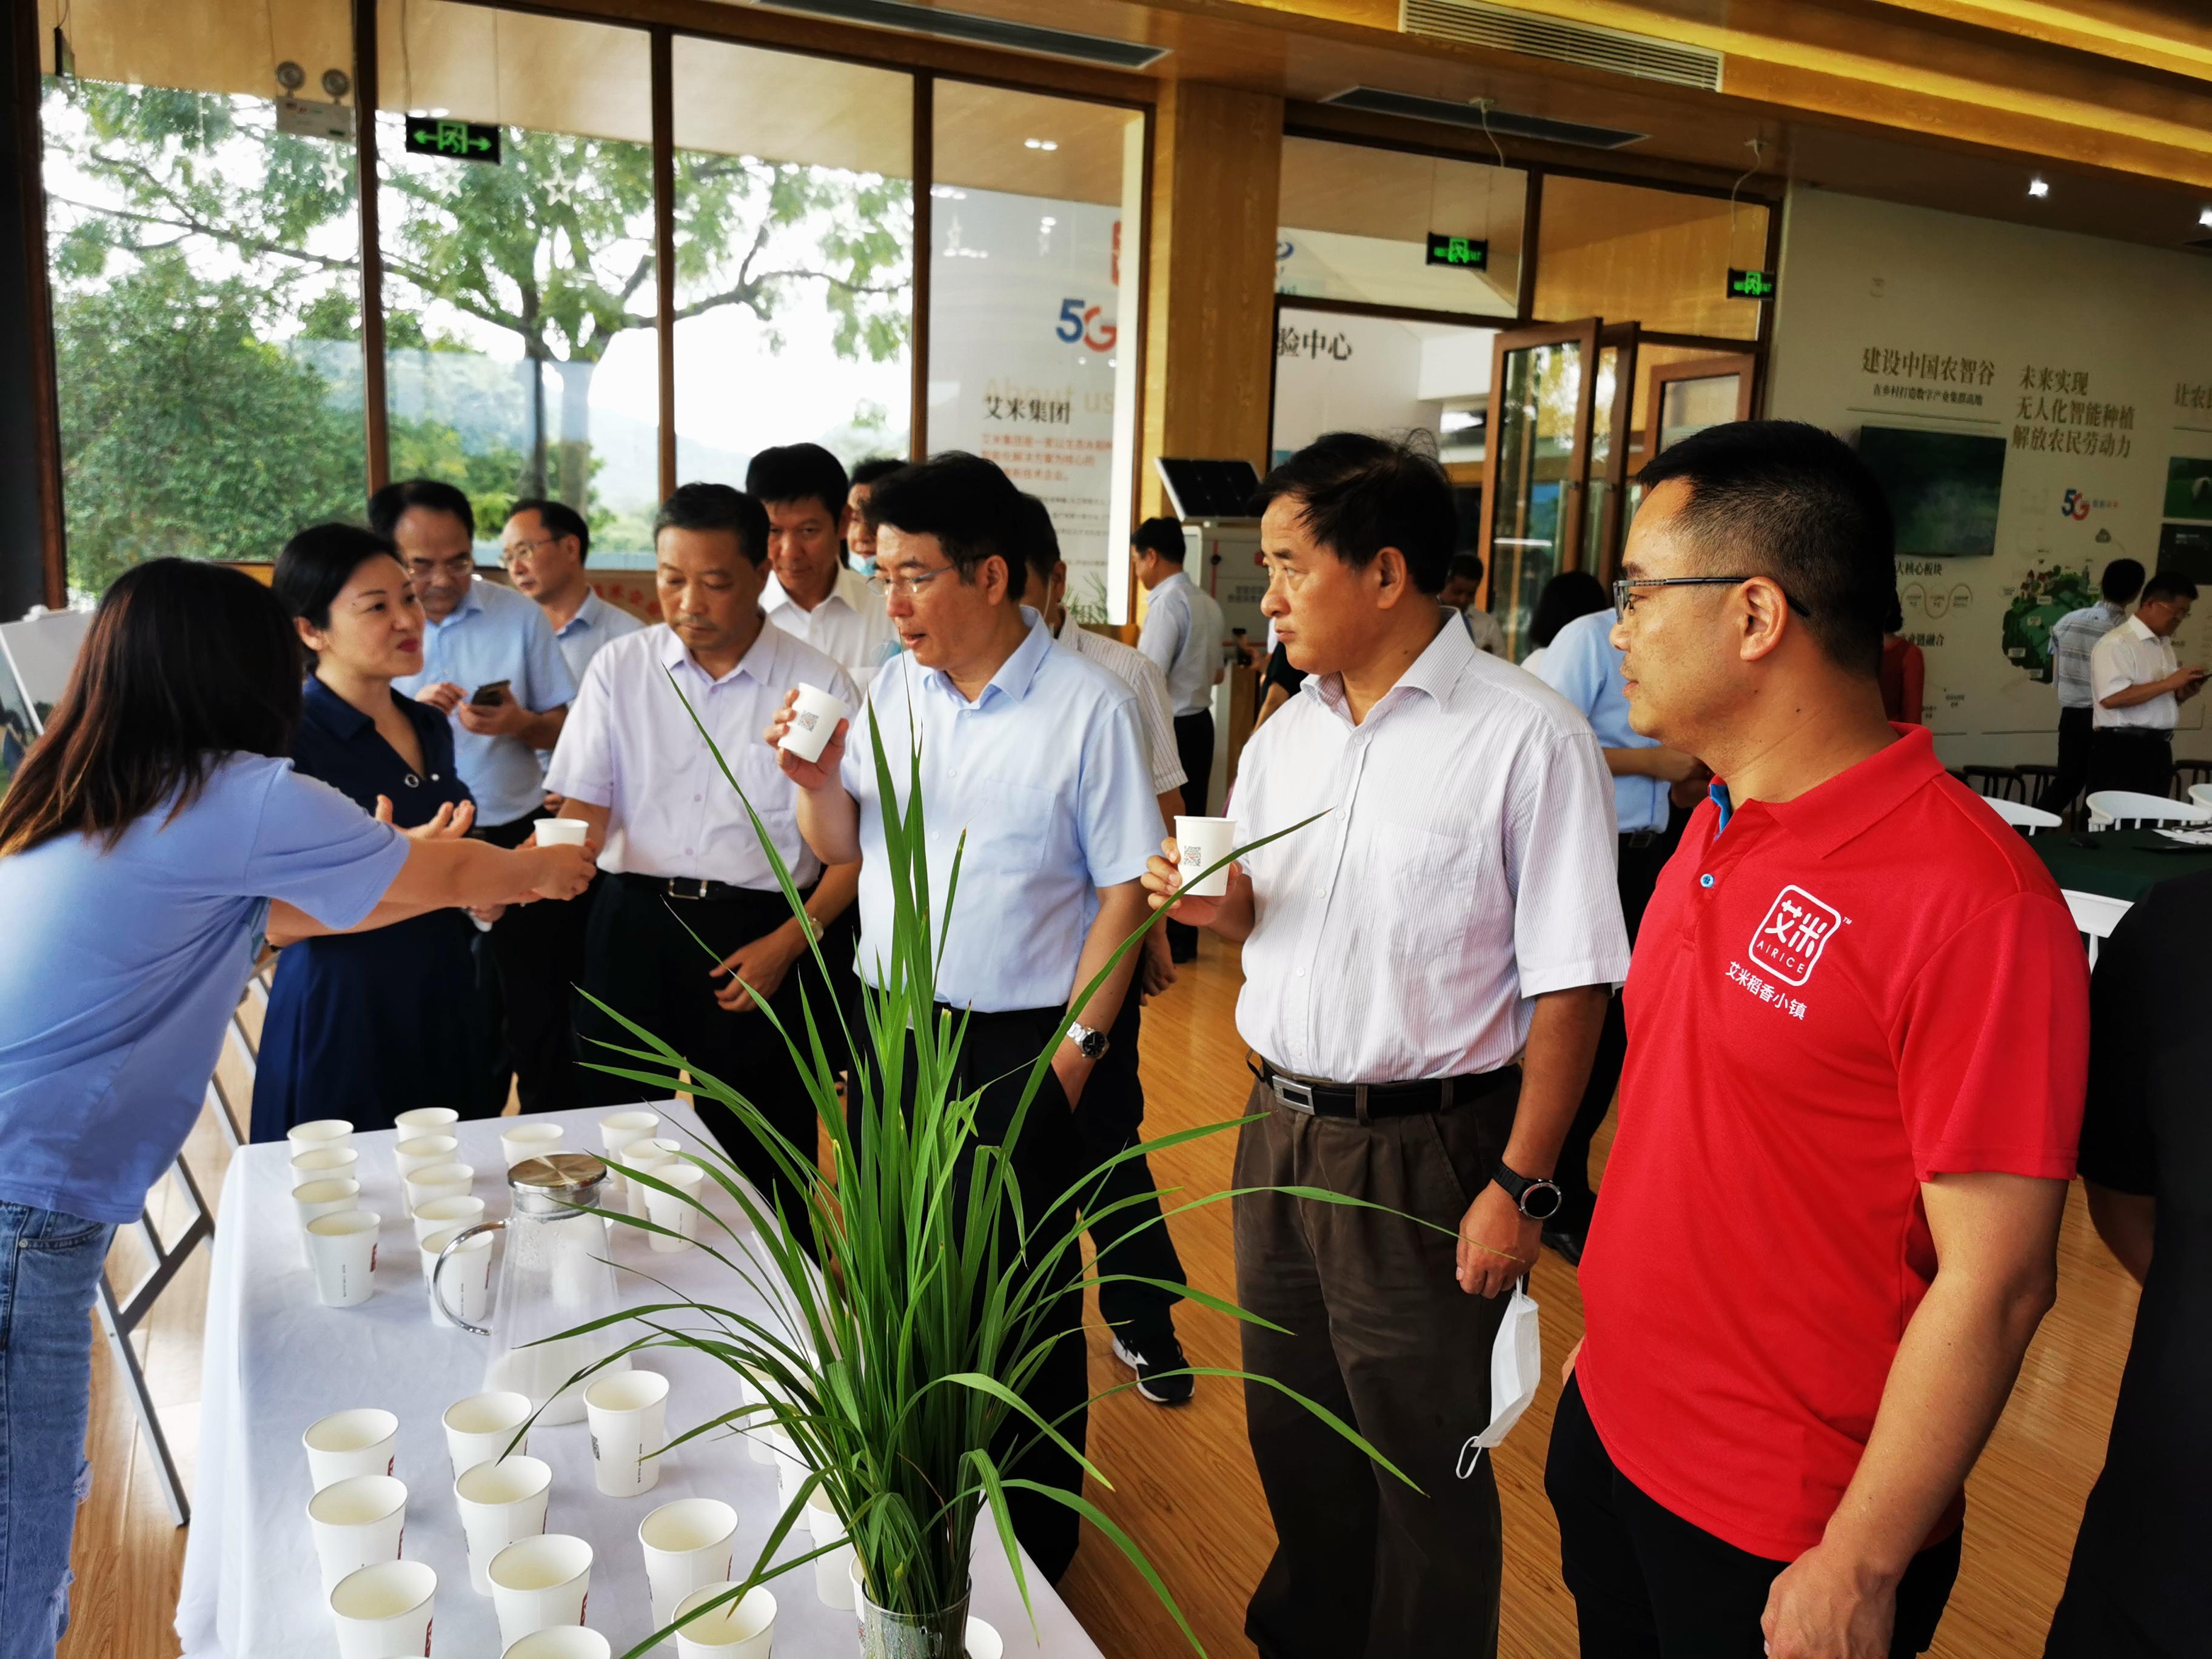 江西省副省长胡强带领考察团调研艾米稻香小镇